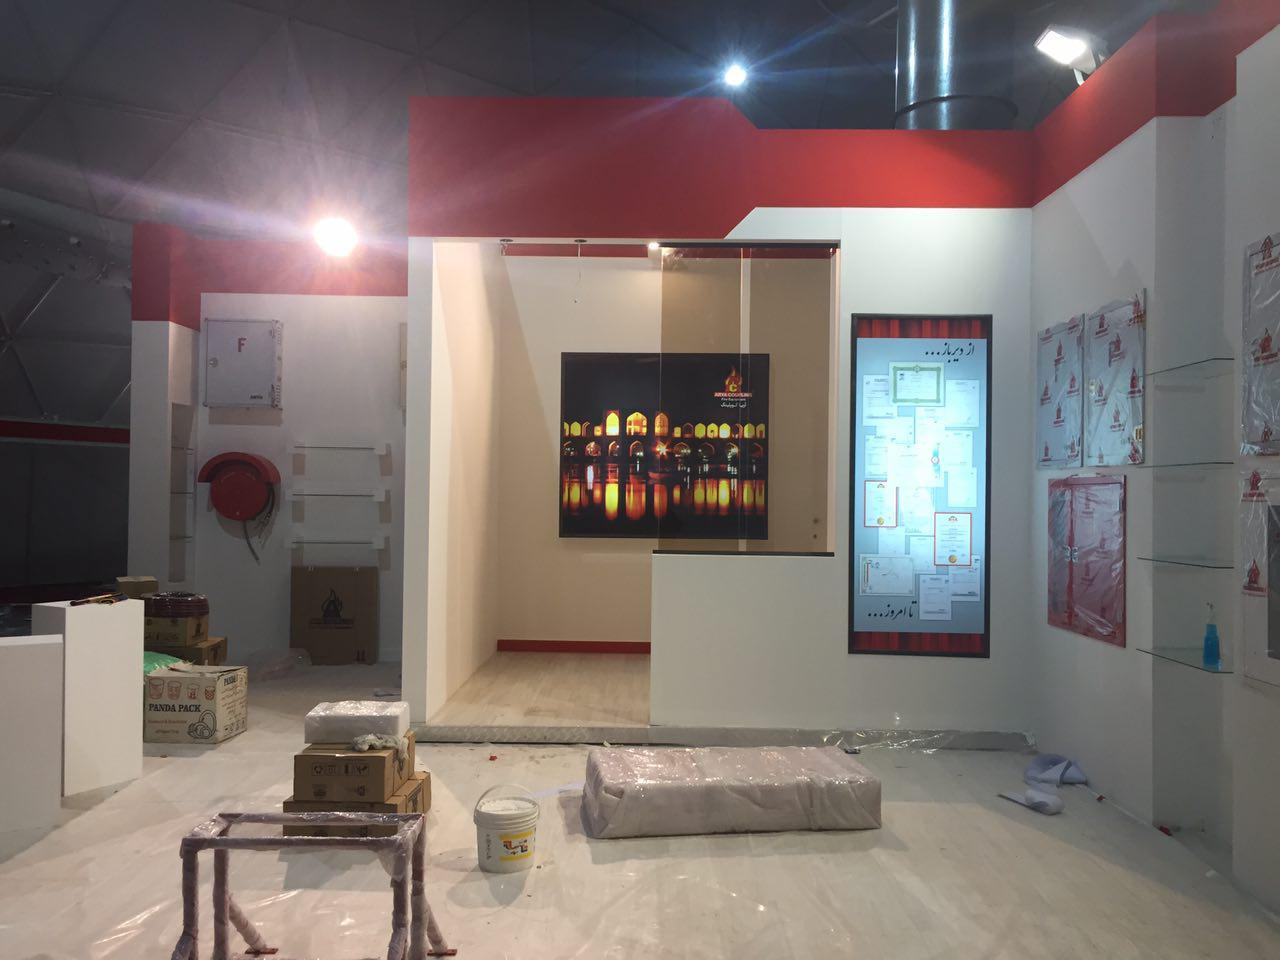 مراحل آماده سازی غرفه های ششمین نمایشگاه حفاظتی و ایمنی اصفهان